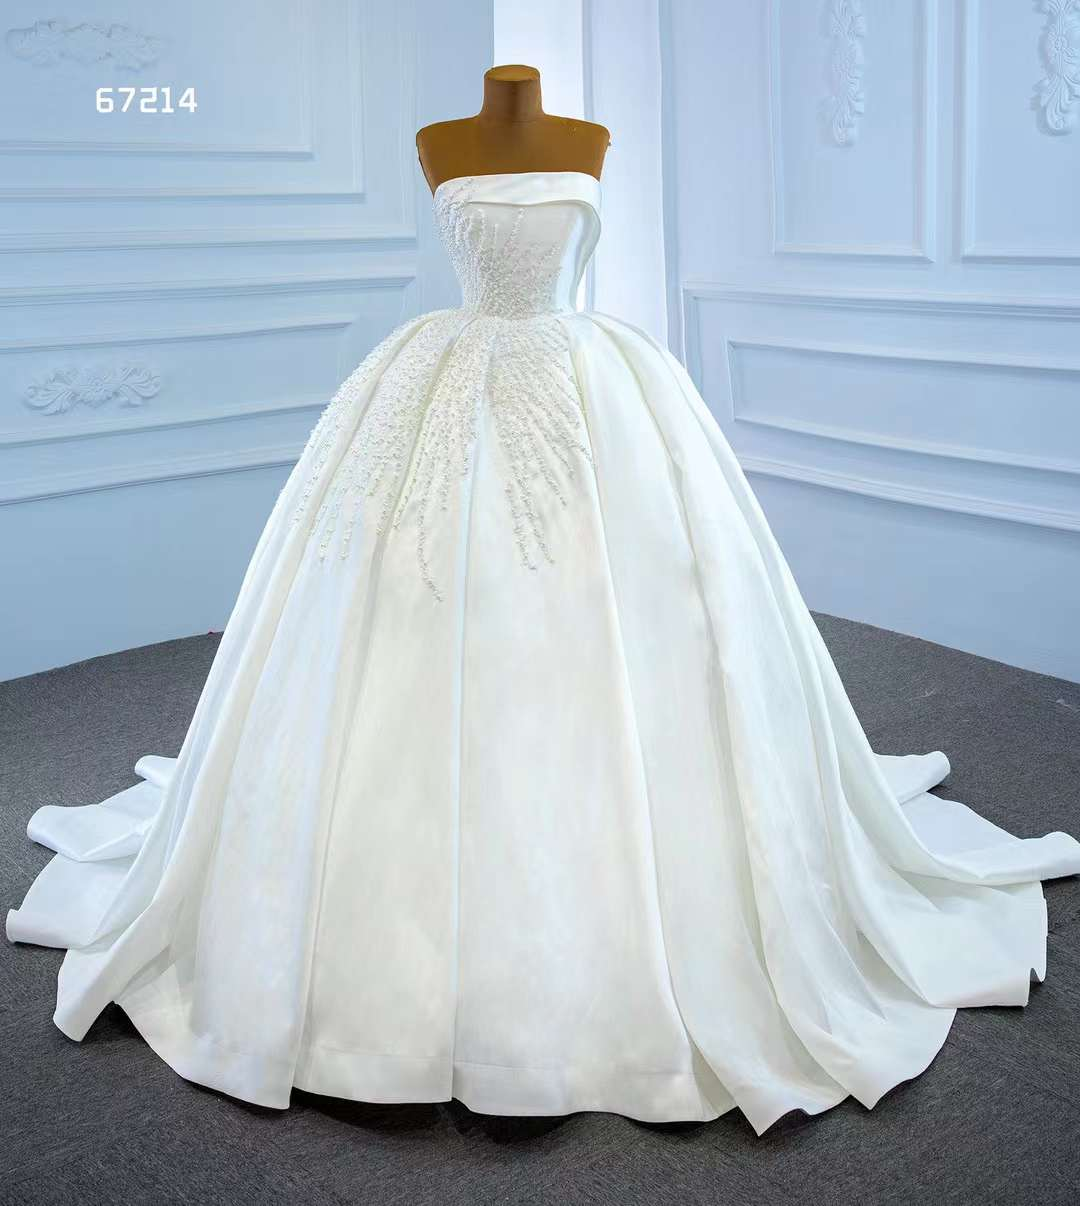 AOLIWEIYA الكرة ثوب حمالة بلا أكمام الساتان مسلم اللؤلؤ الأبيض النقي فستان زفاف للنساء